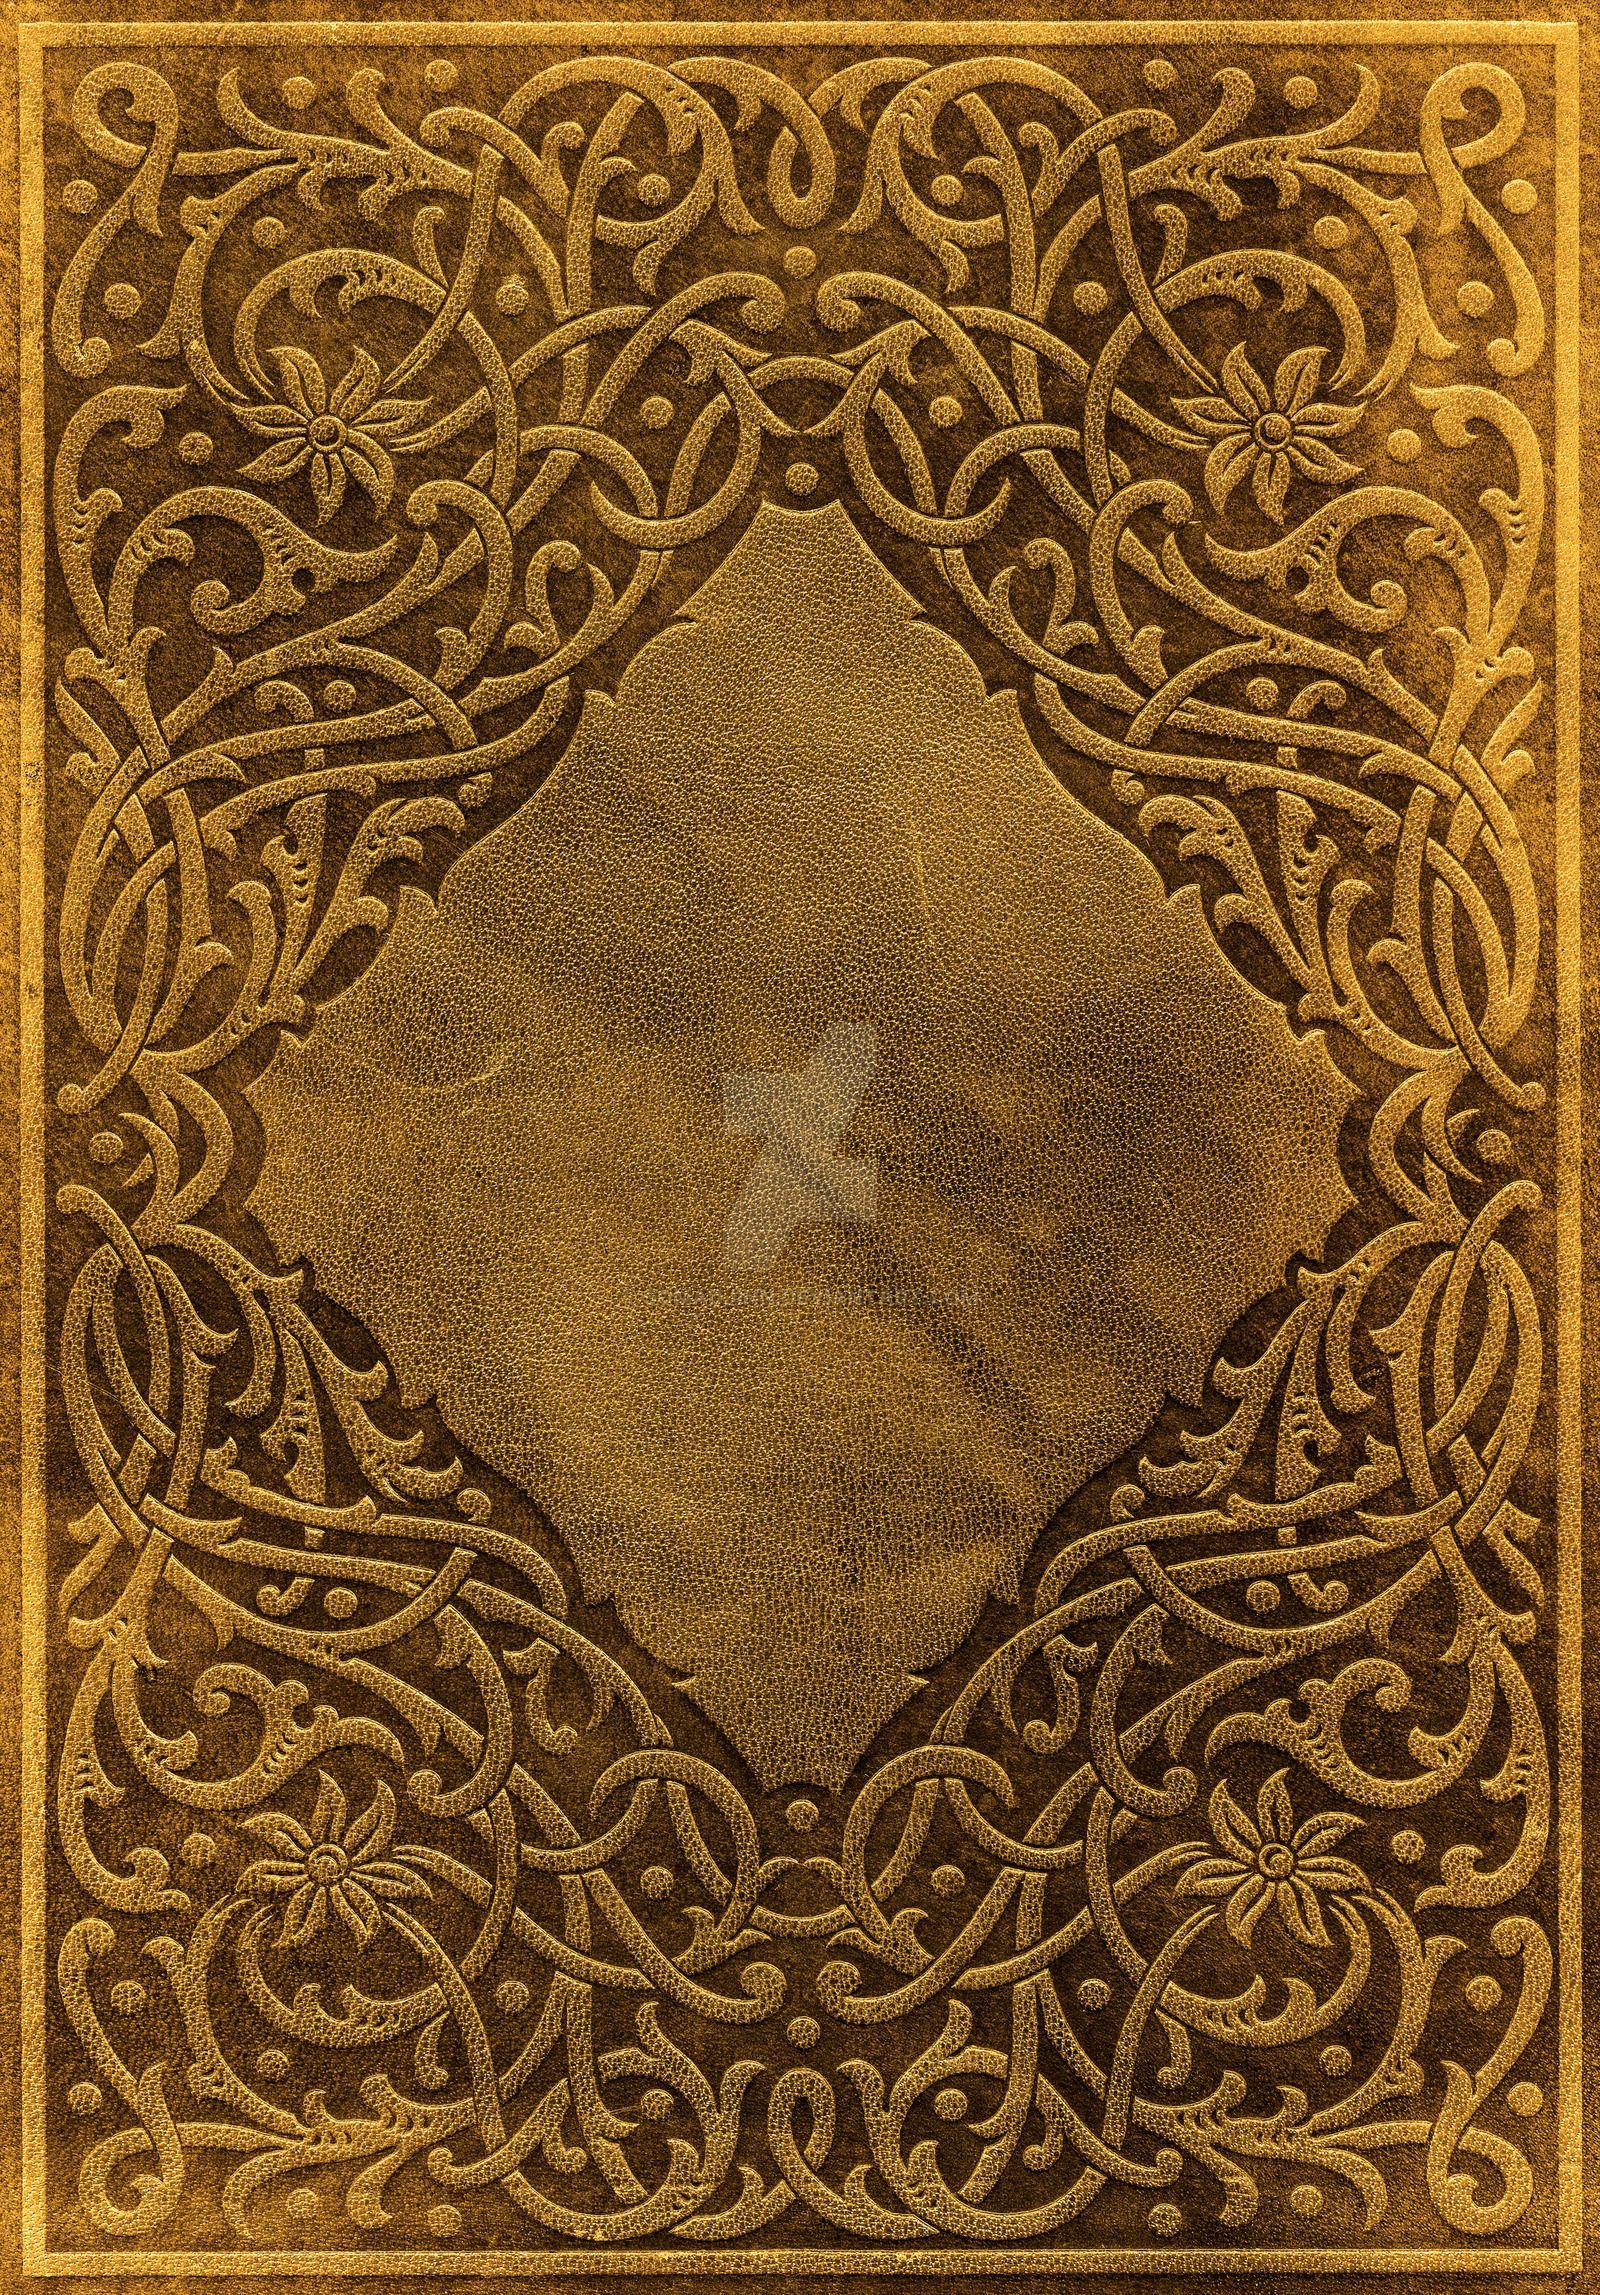 Обложка конституции крыма картинки пространства